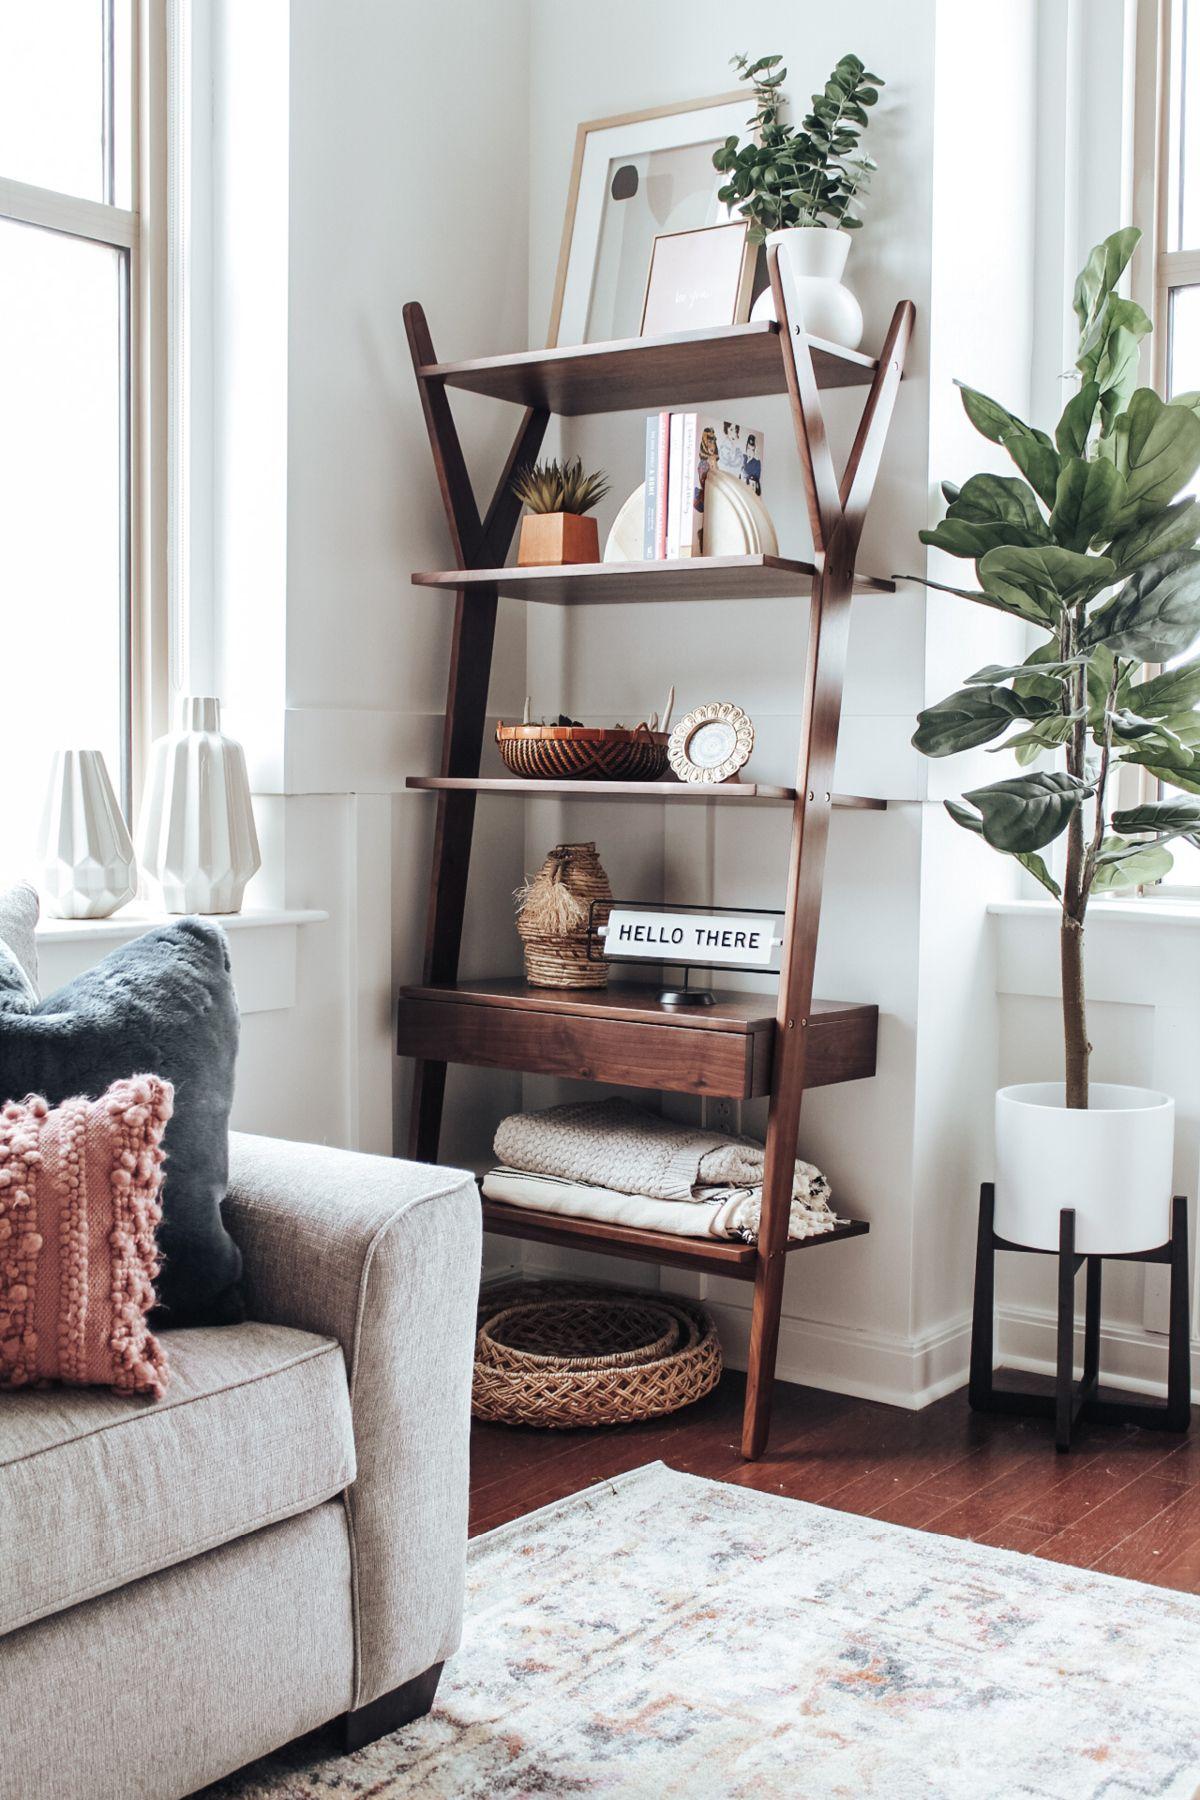 Lignum Walnut Shelving Unit In 2020 Bookshelves In Living Room Bookshelves In Bedroom Shelf Decor Living Room #shelf #unit #living #room